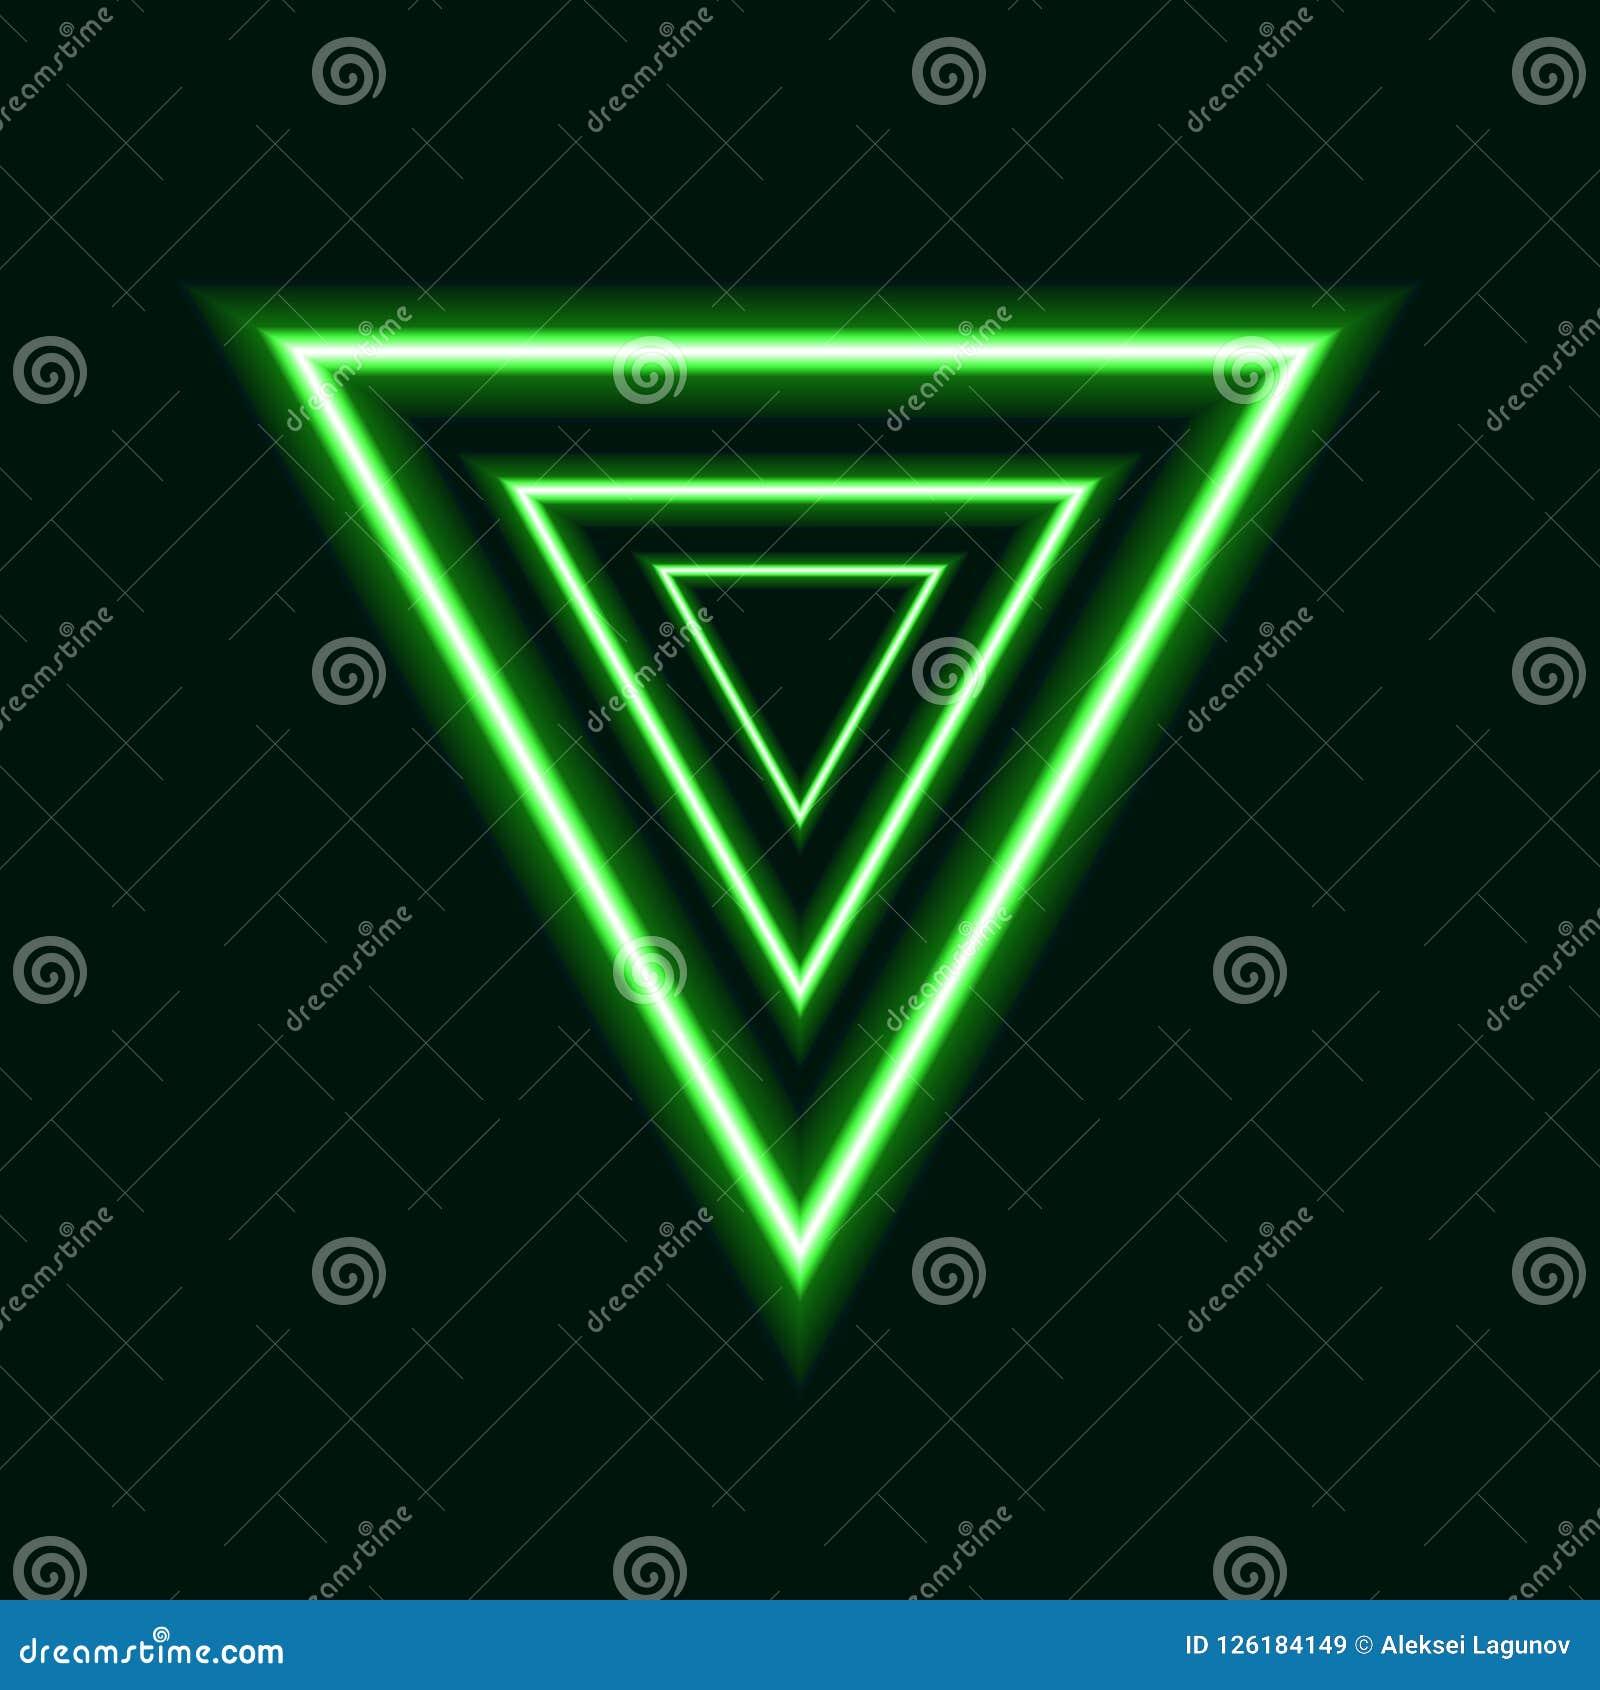 Triángulos de neón verdes del vector, Logo Design futurista, líneas que brillan intensamente